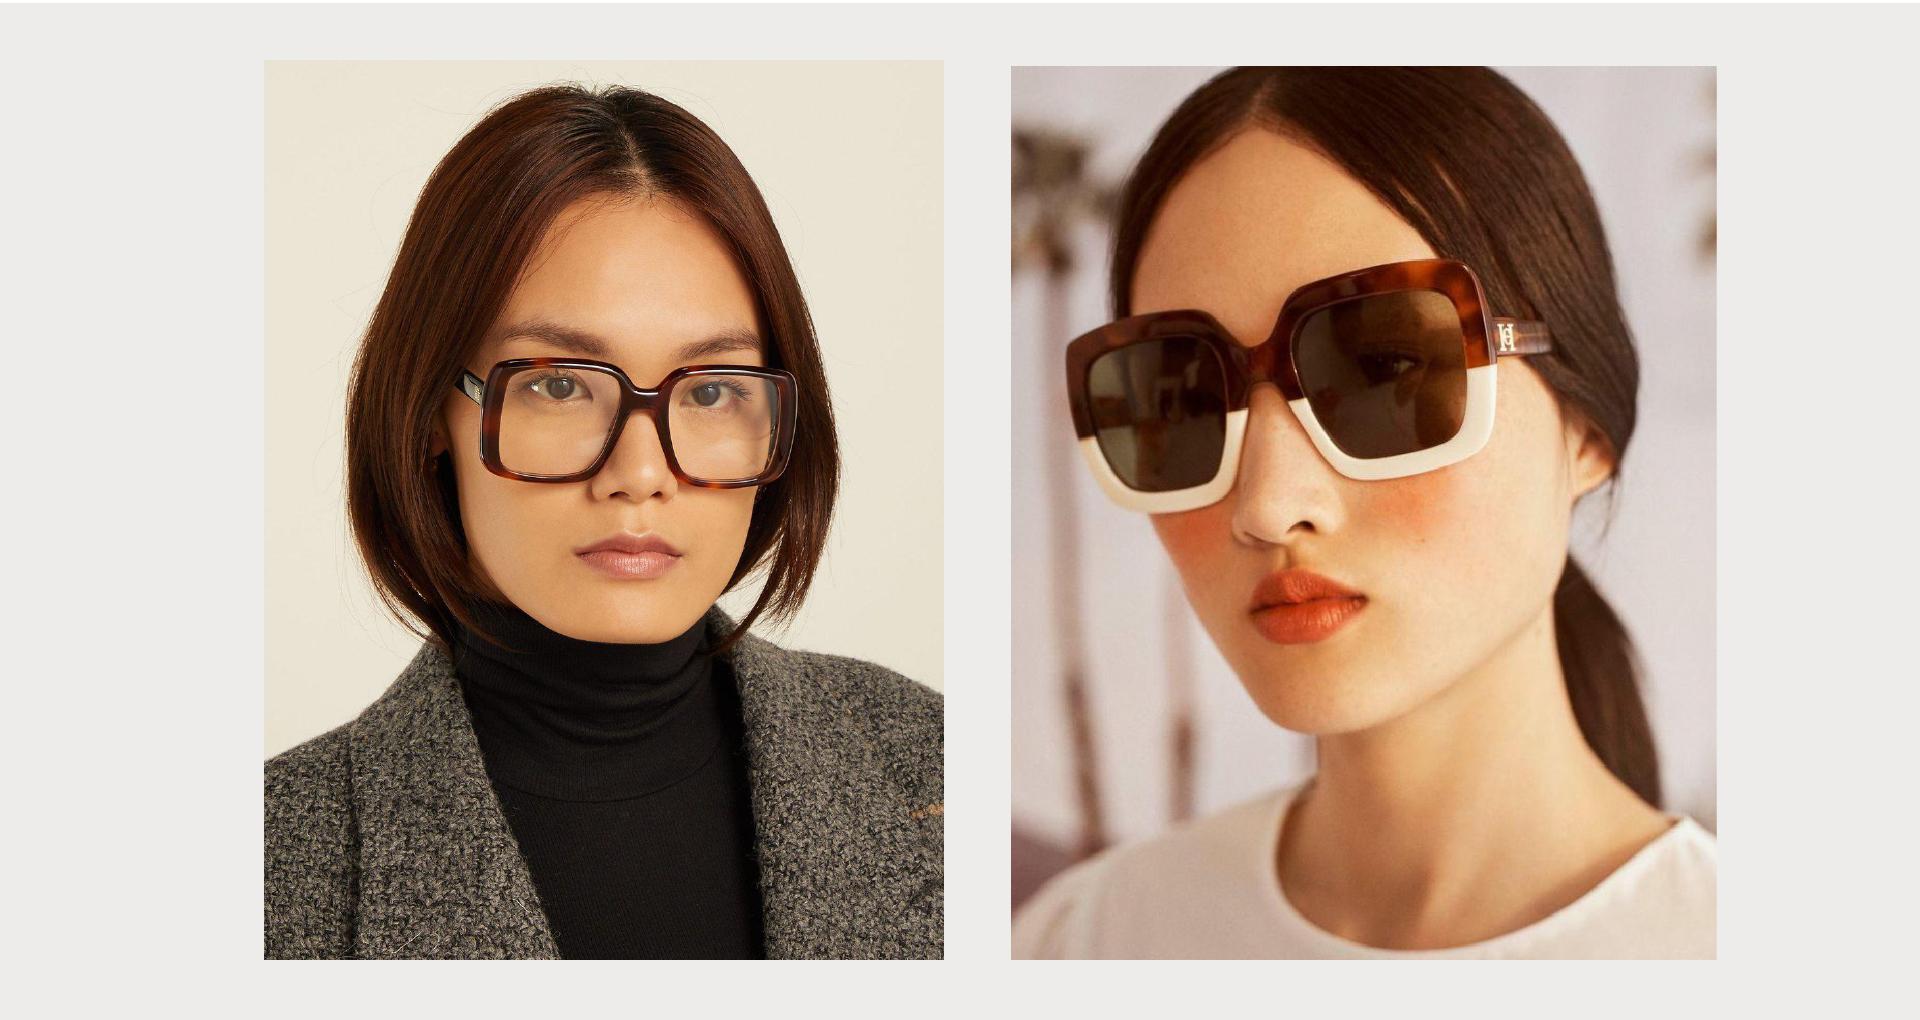 Três dicas para ajudar na escolha dos óculos ideais